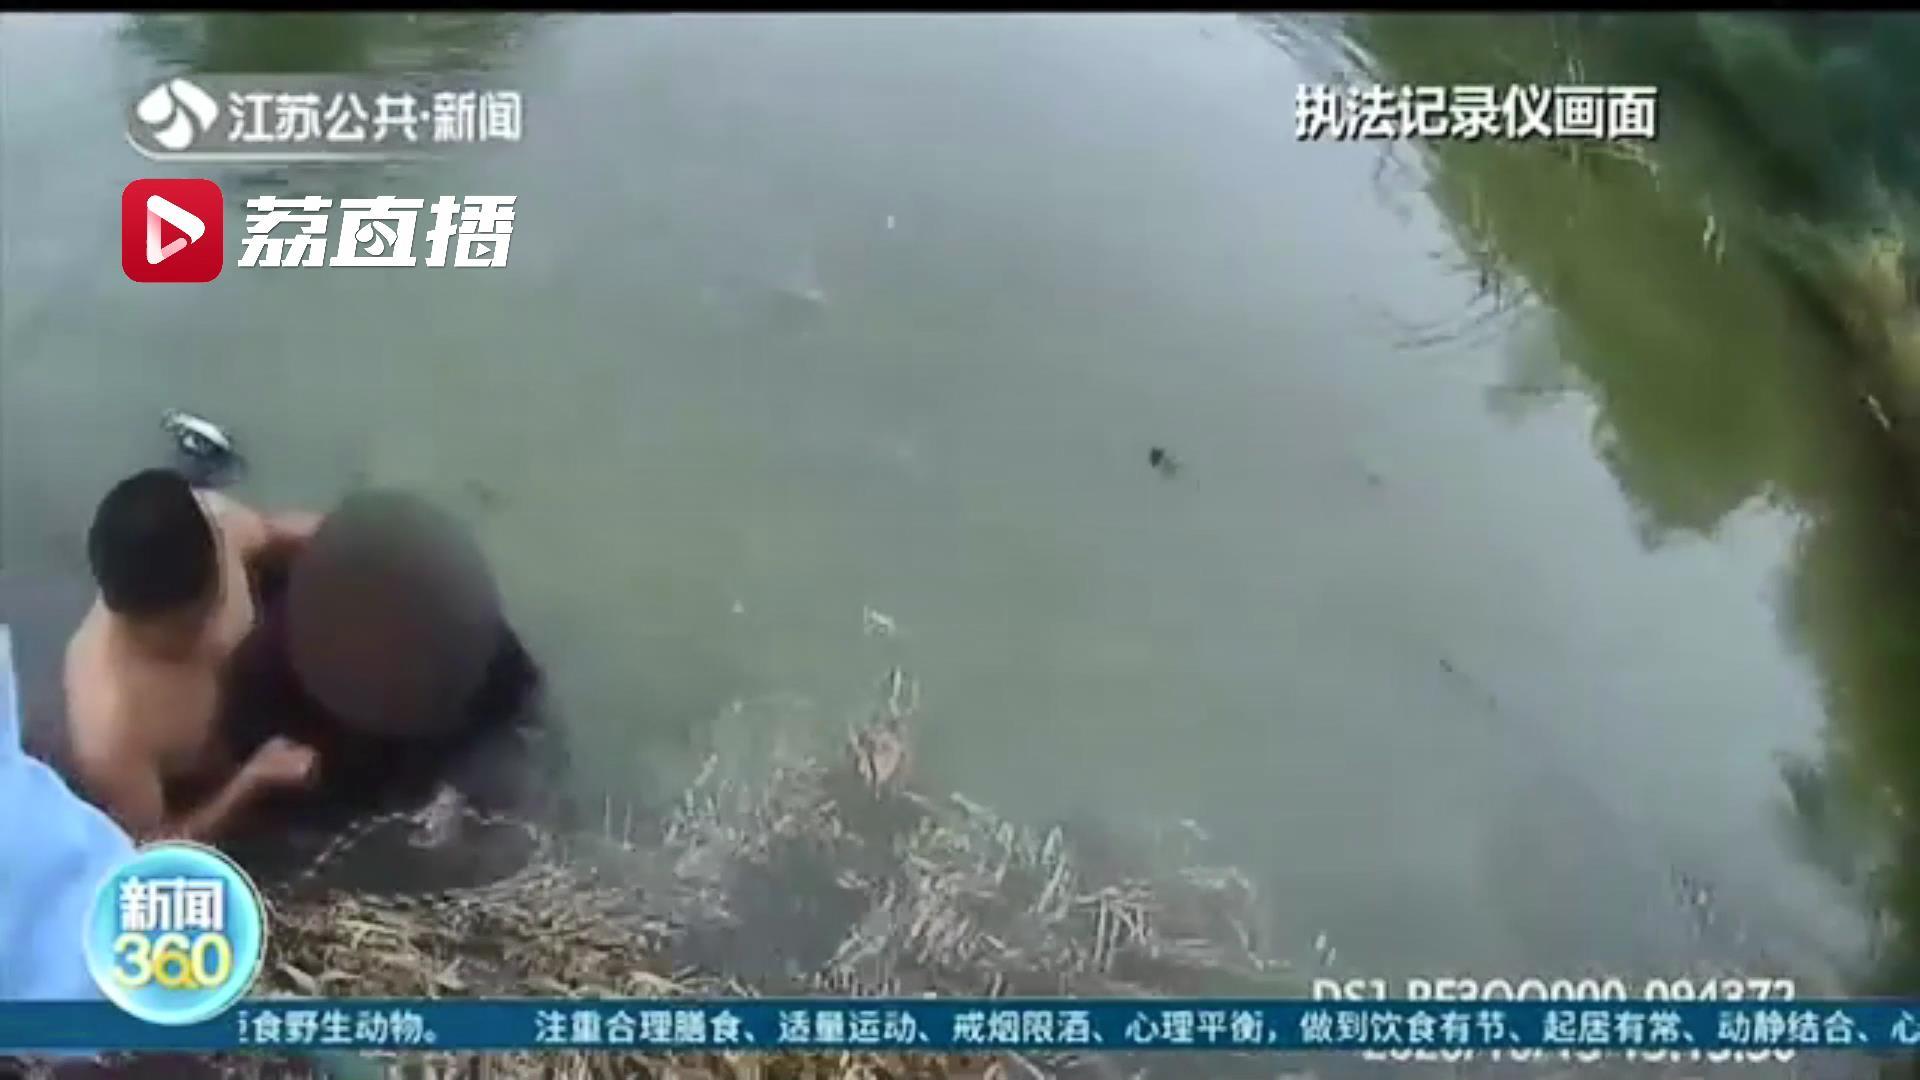 紧急救援!老人不慎跌入鱼塘 辅警二话没说果断下水救人